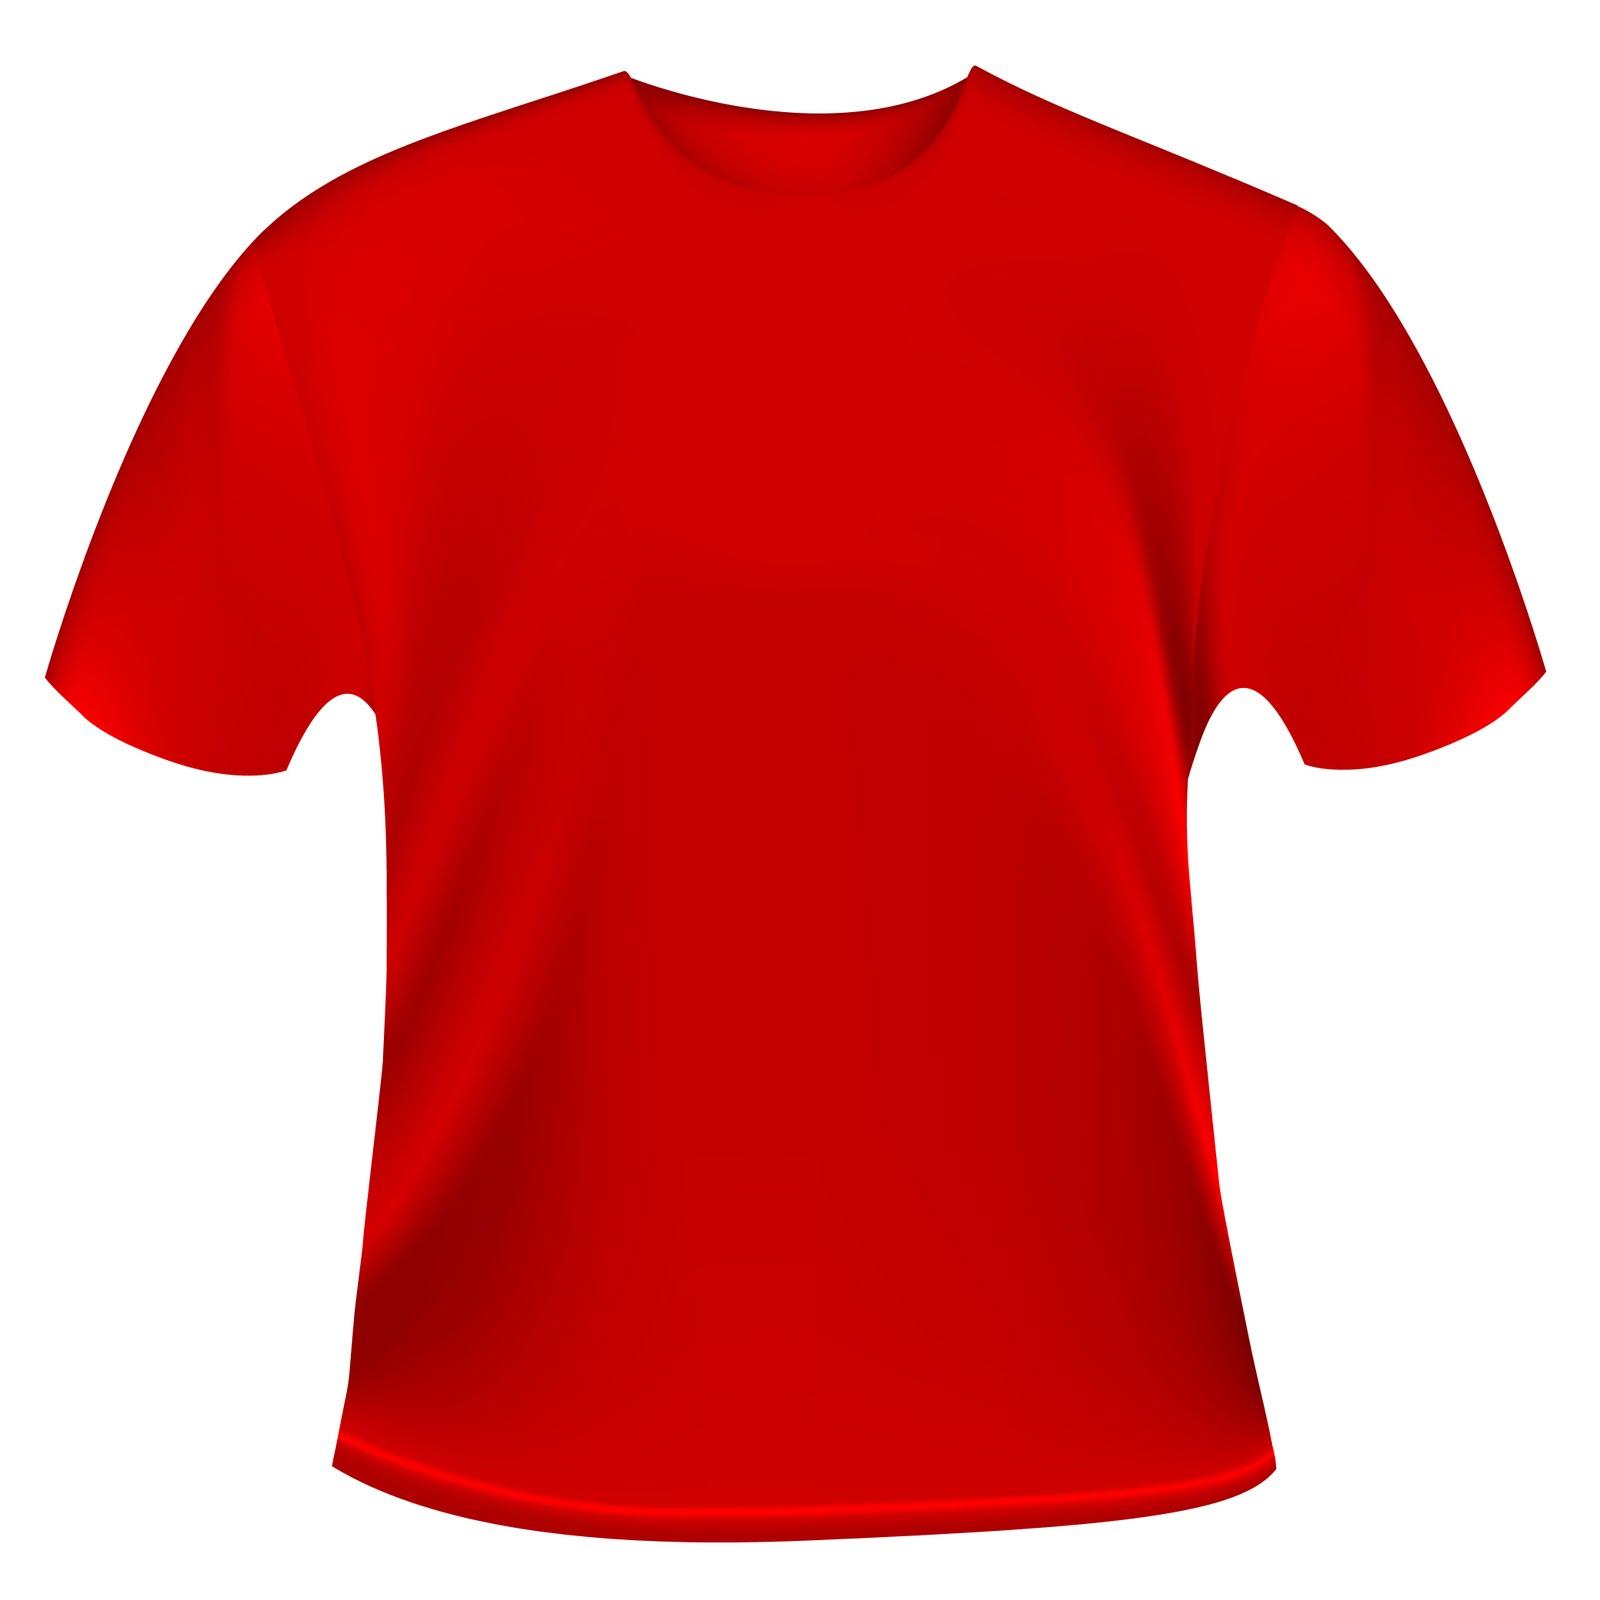 1600x1600 Clip Art Red T Shirt Clip Art